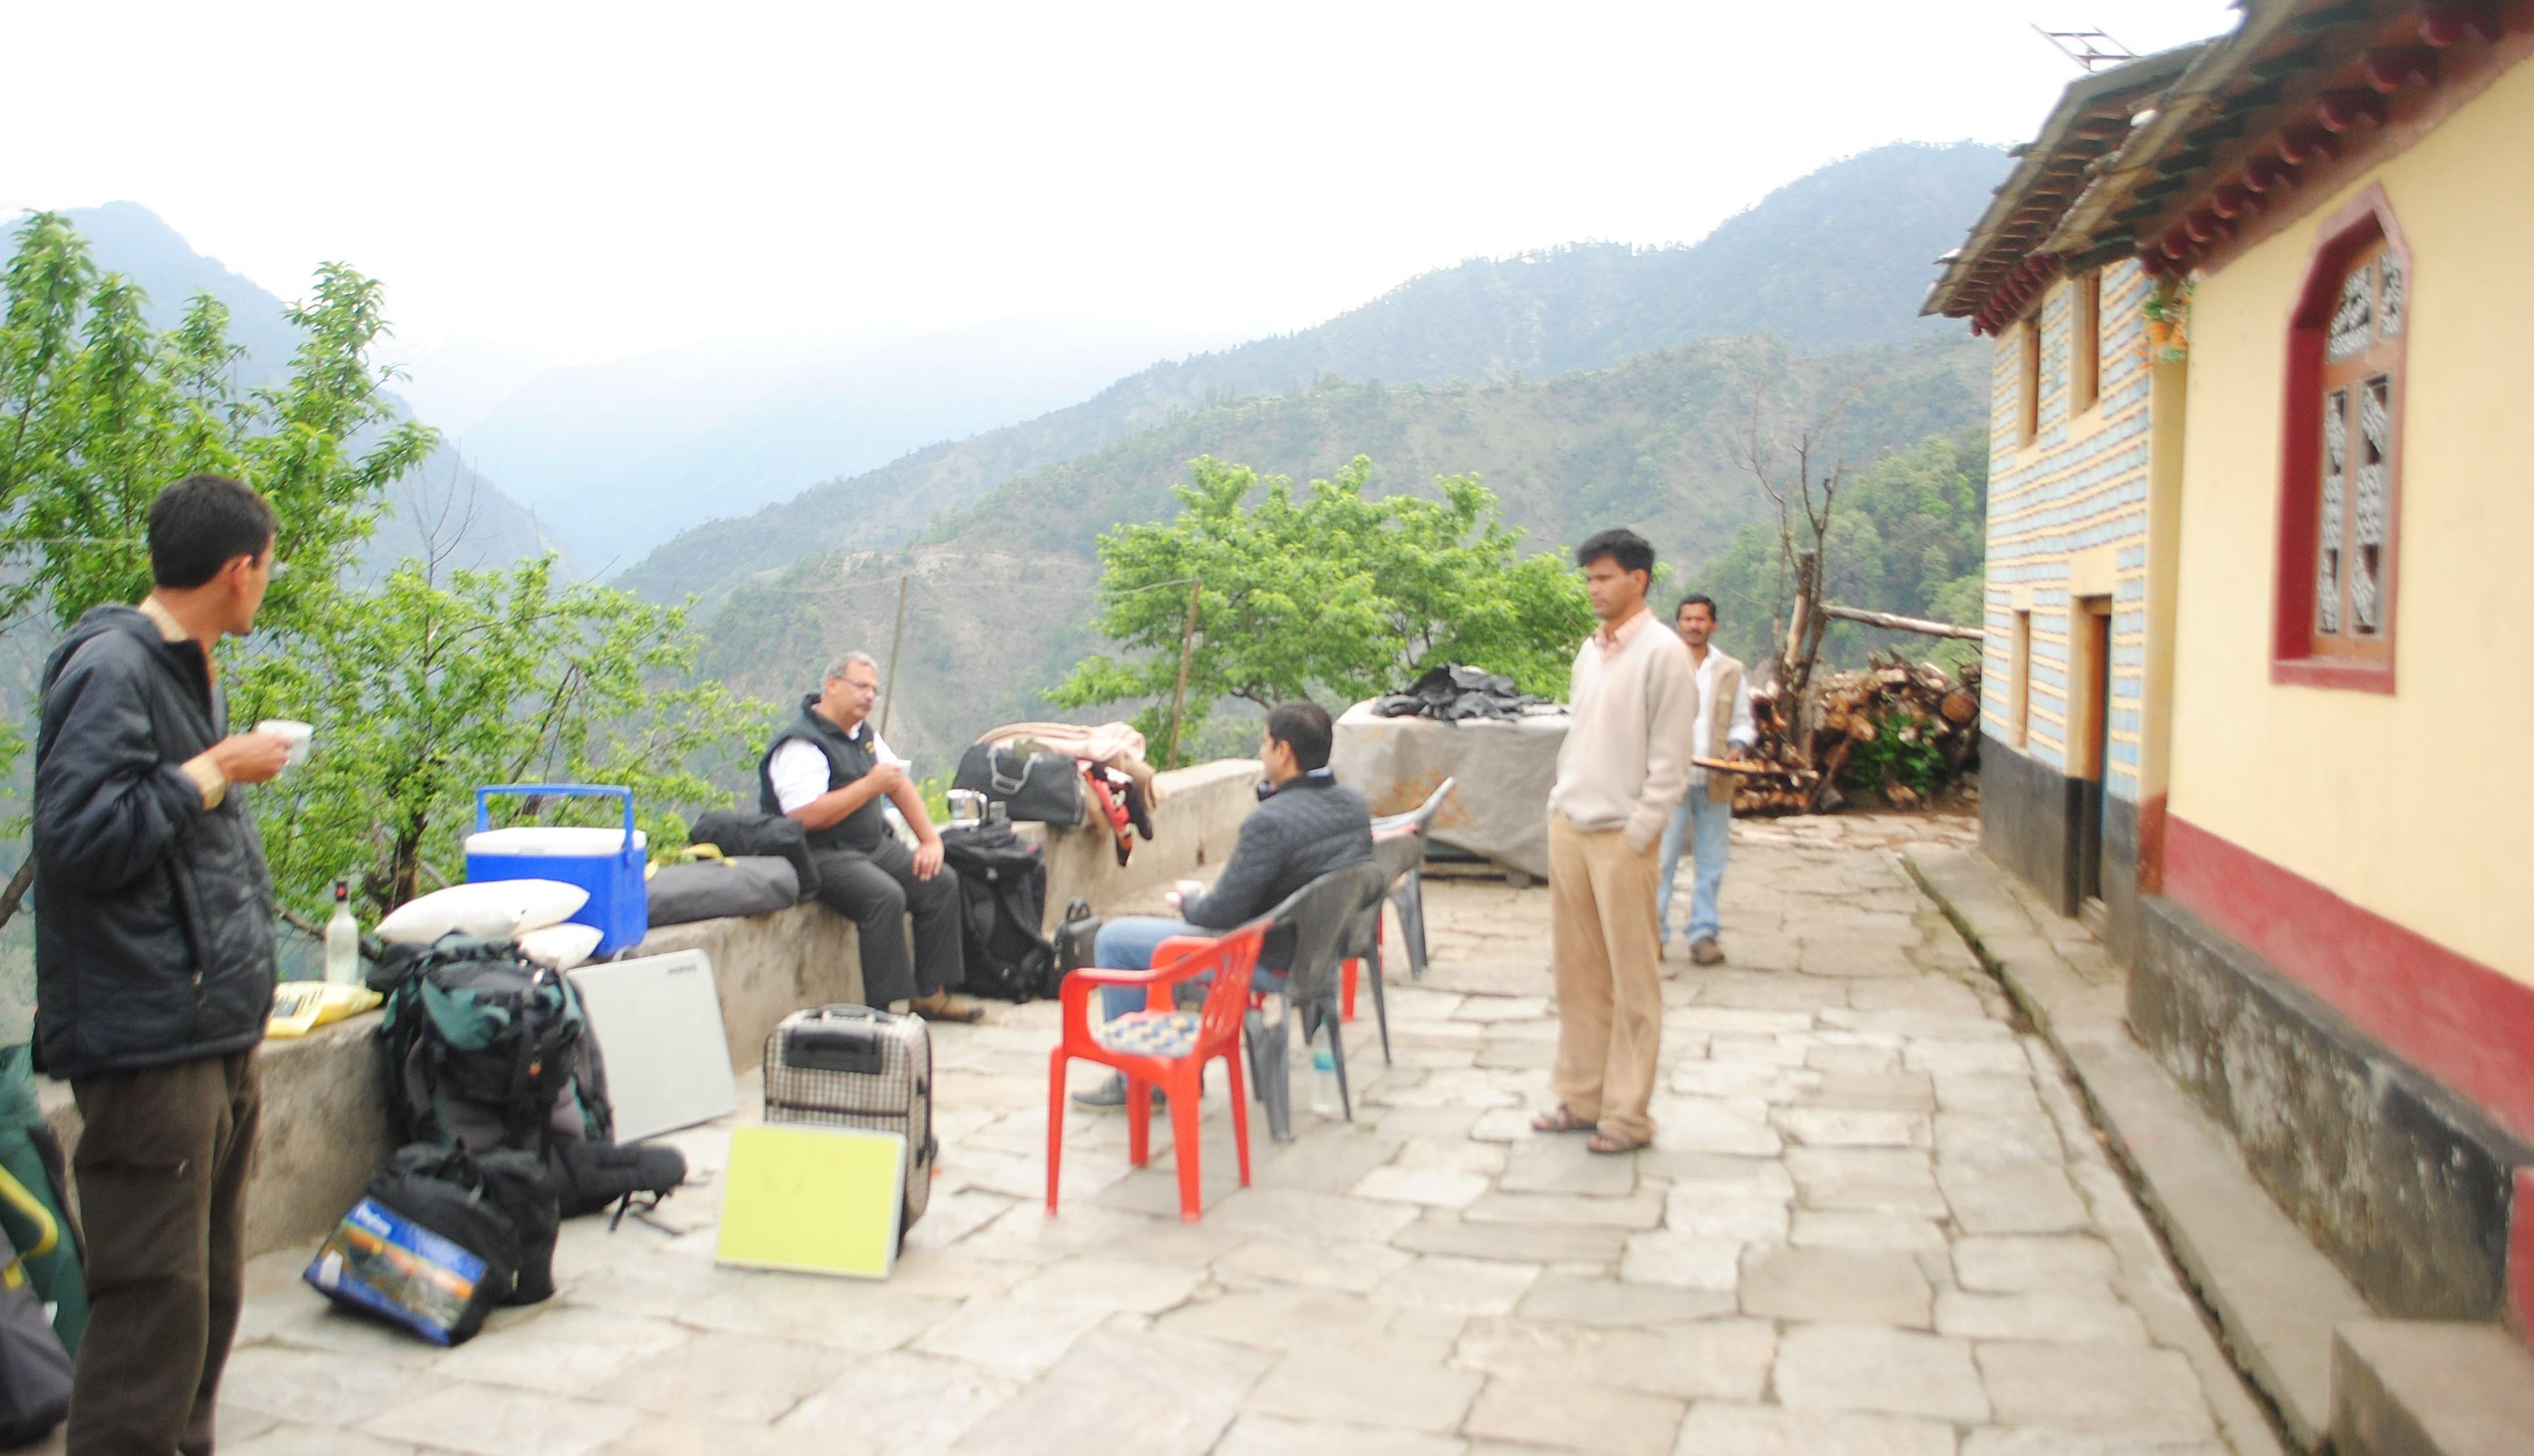 Rural Homestay in Baghswar Distt Uttarakhand (1)